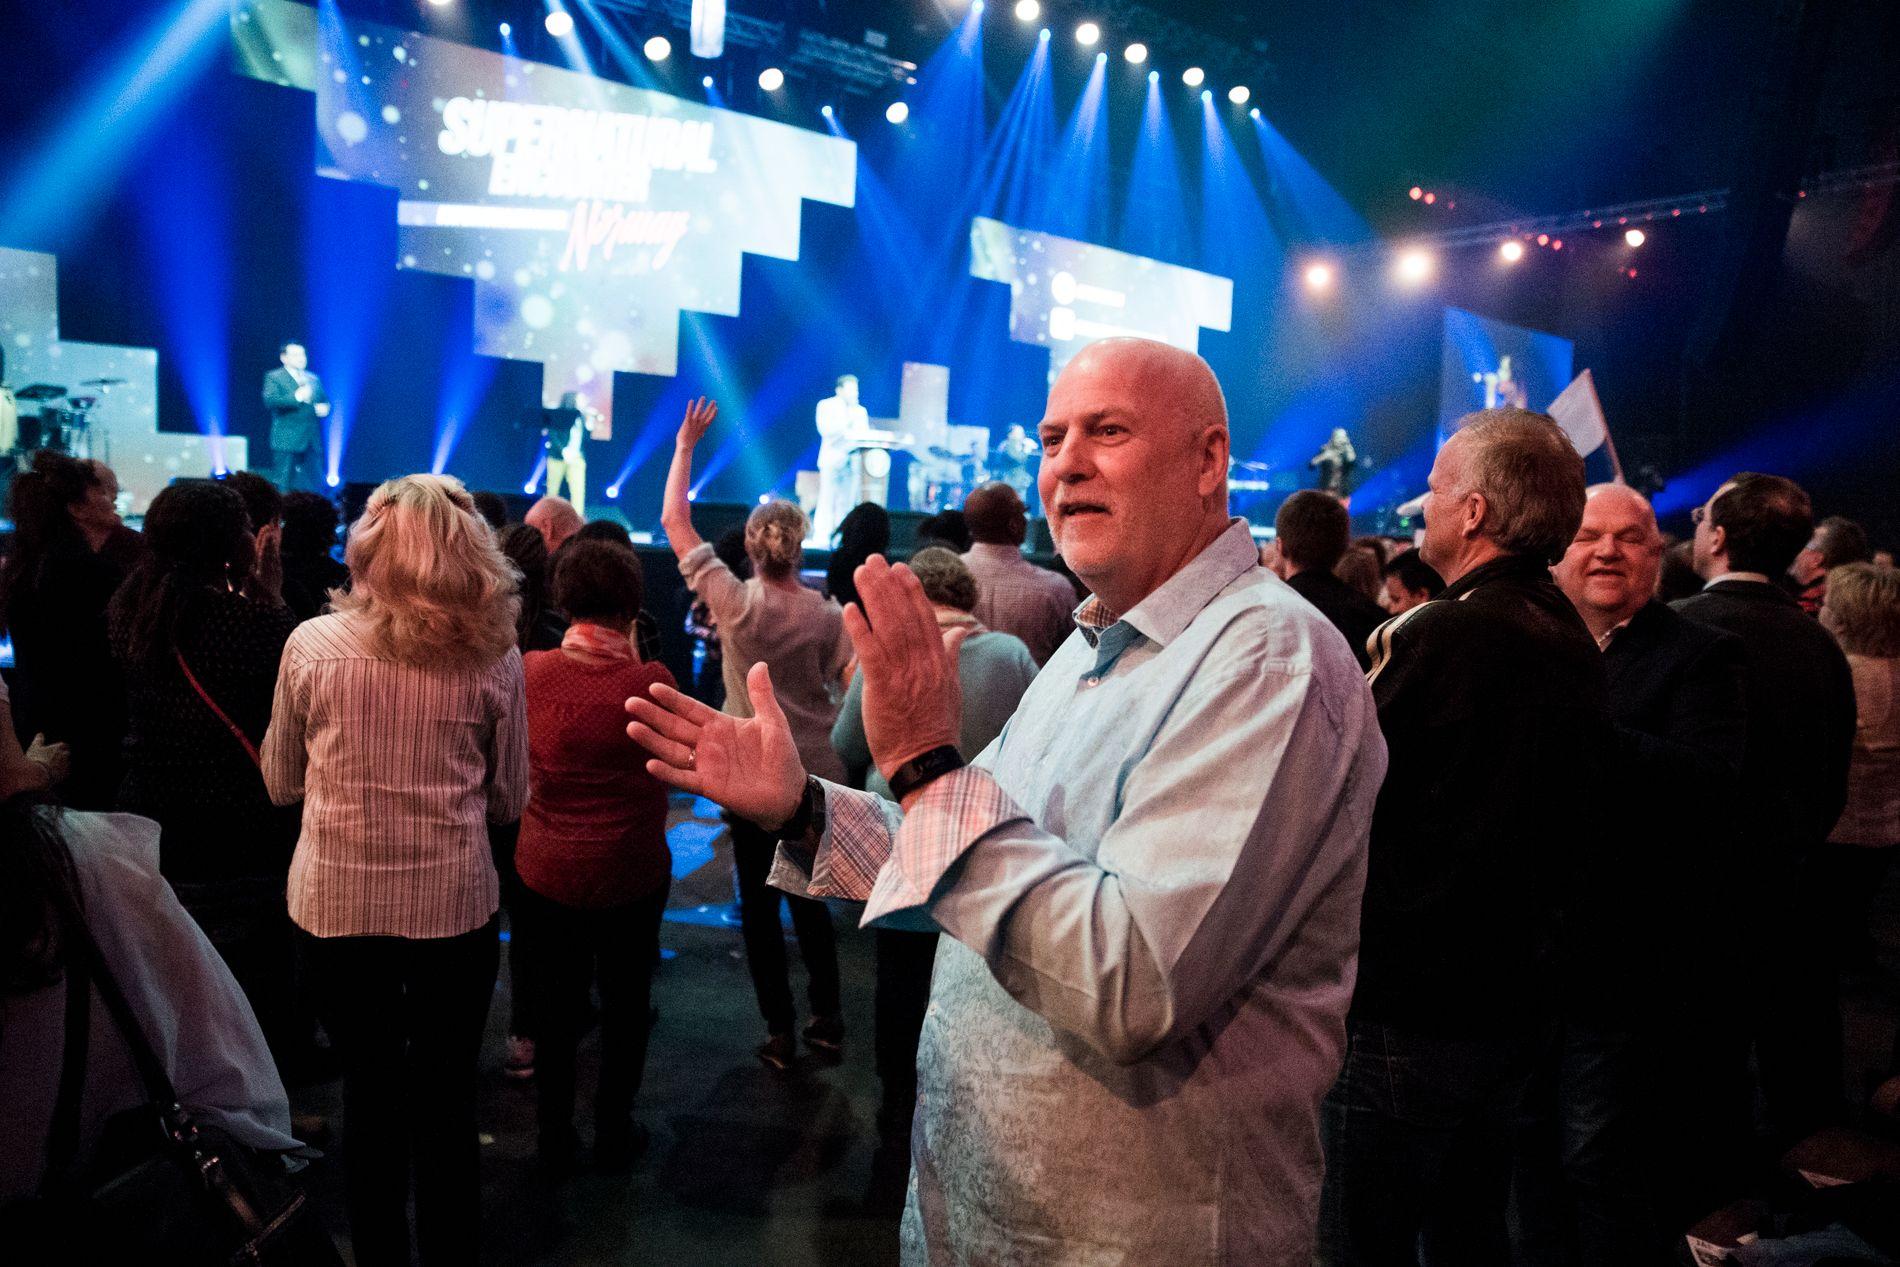 BER OM OPPGJØR: Biskop Per Arne Dahl ber TV-pastor Jan Hanvold ta et oppgjør med de helbredende tjenestene i Visjon Norge og advarer mot å blande penger og helbredelse.